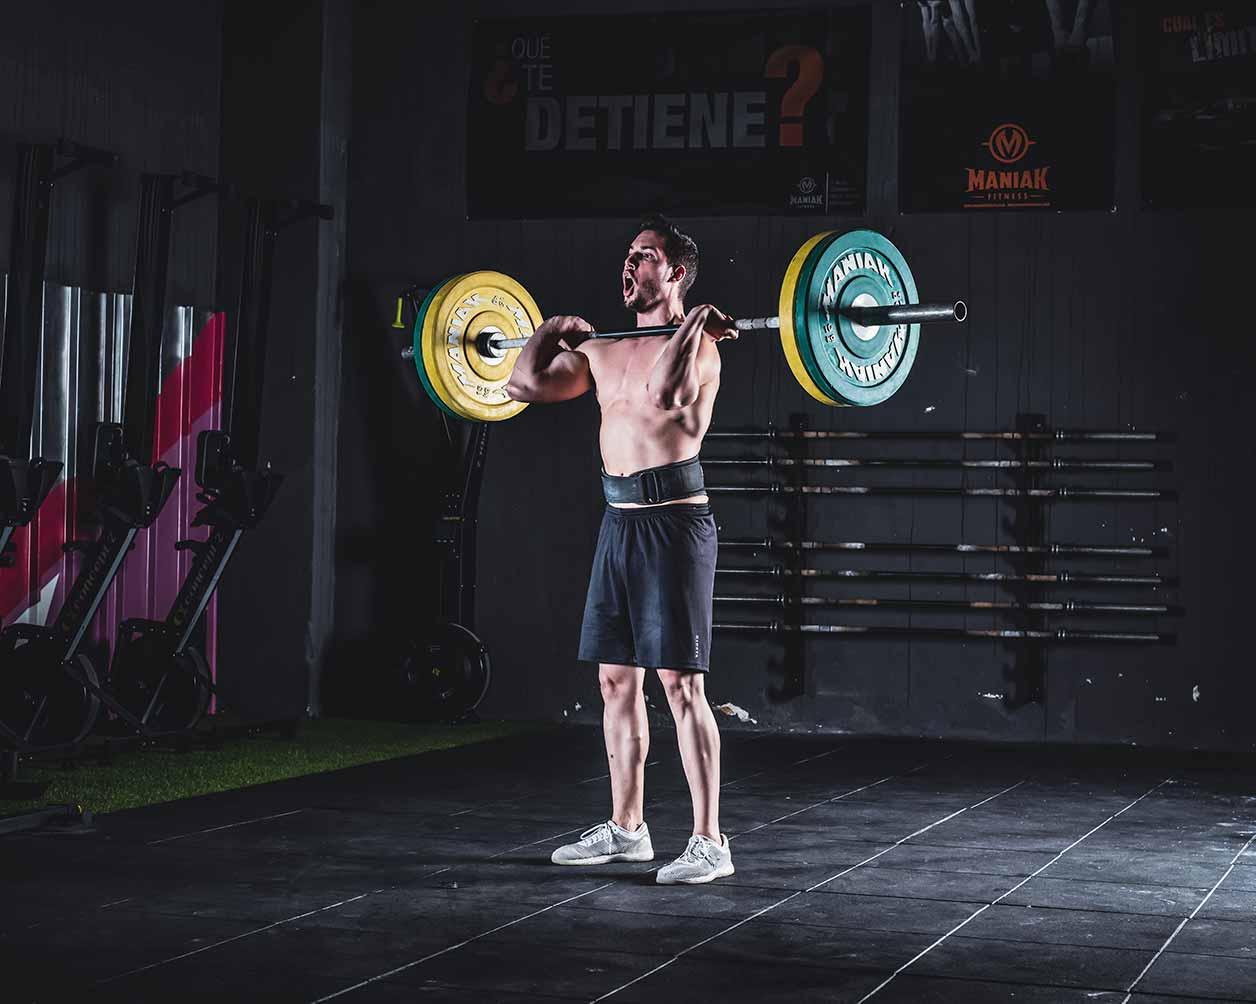 Sesión de fotos de publicidad en el gimnasio de un hombre musculoso levantando una pesada barra